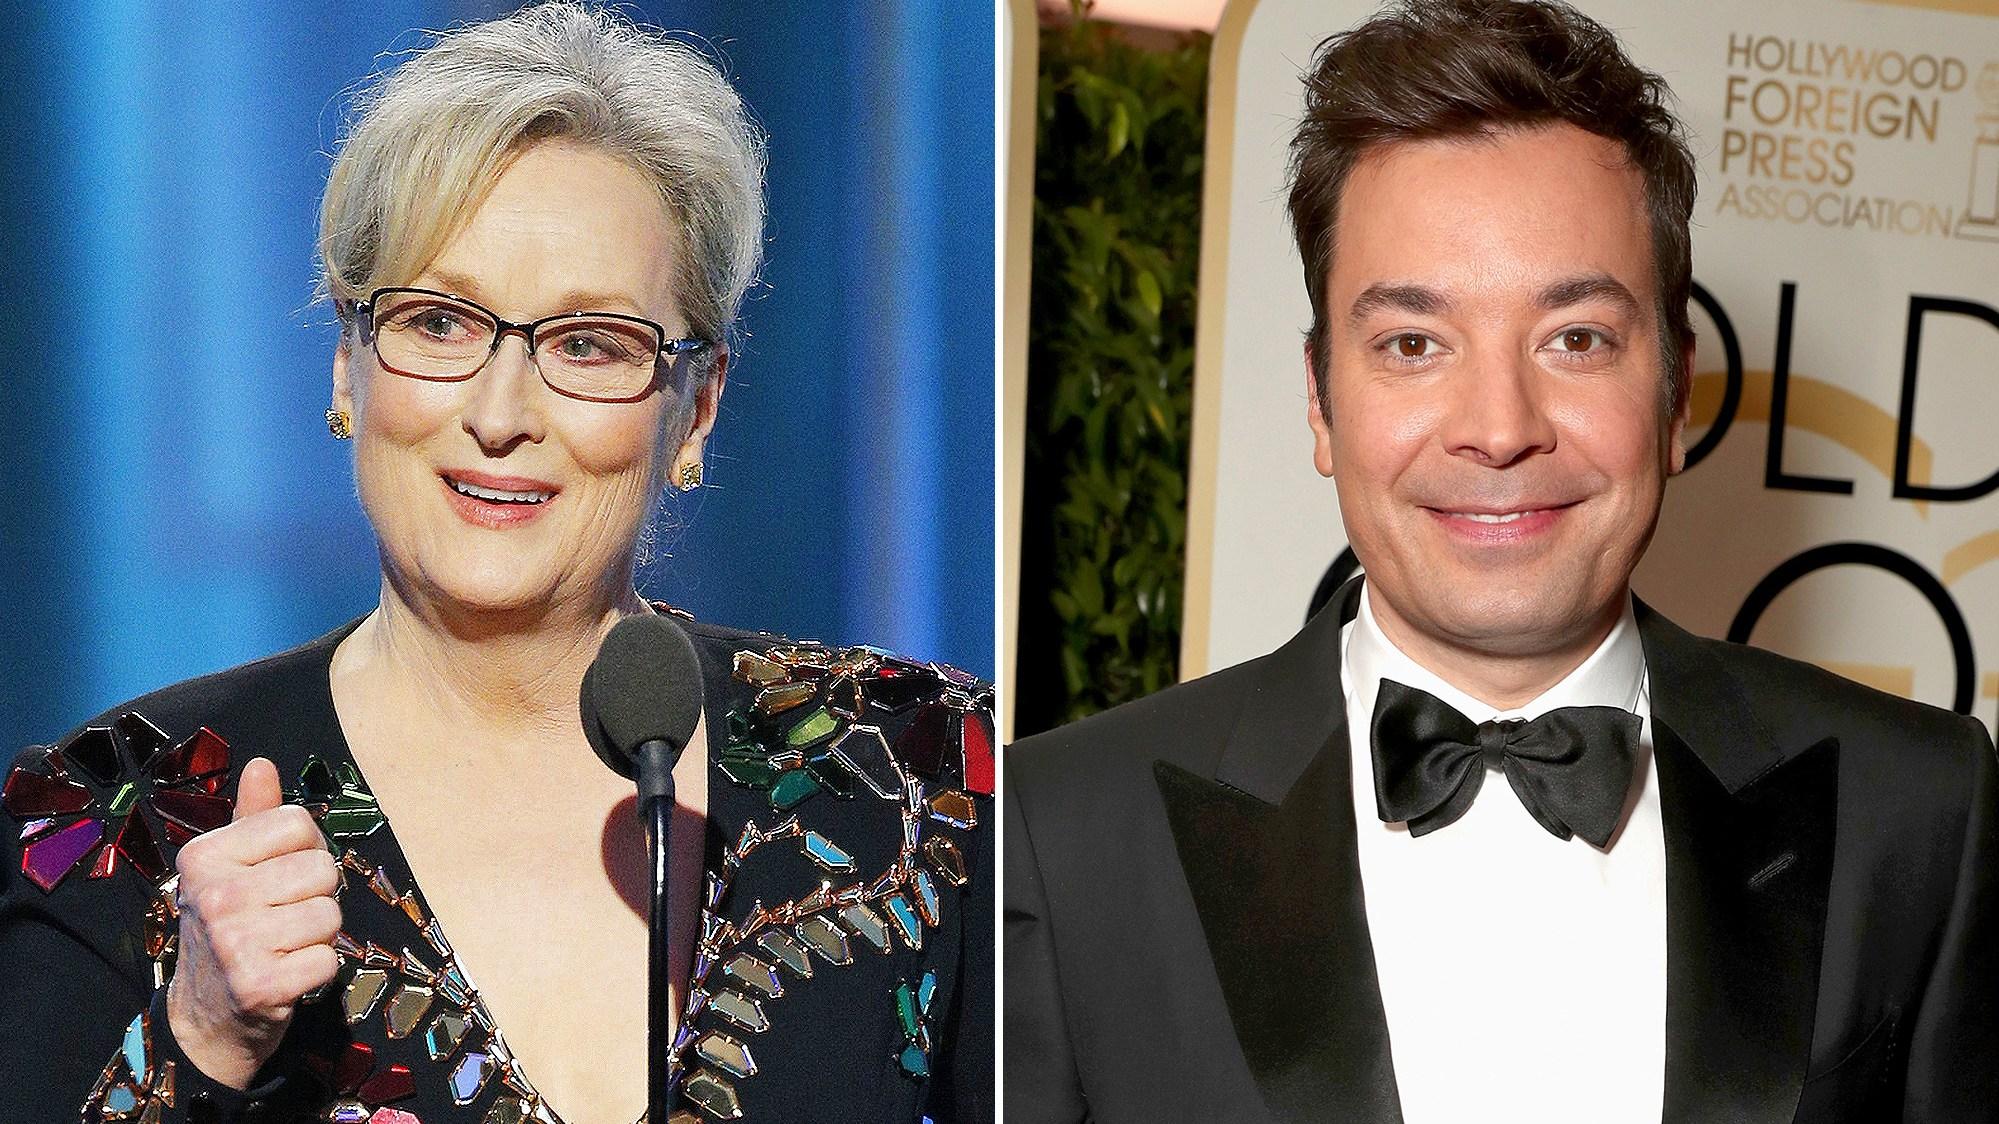 Meryl Streep and Jimmy Fallon